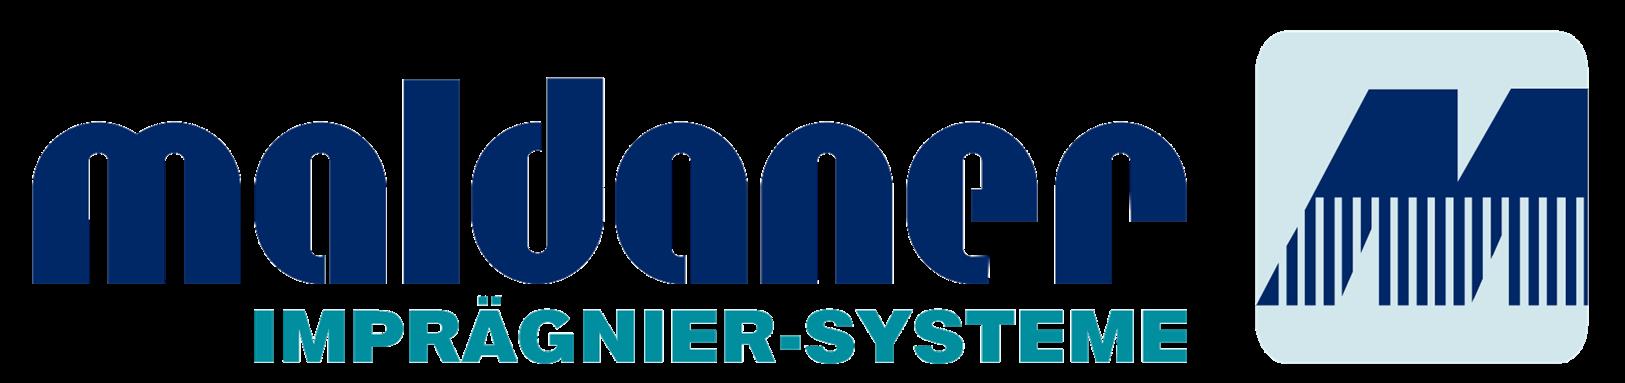 Ing. Hubert Maldaner GmbH logo image